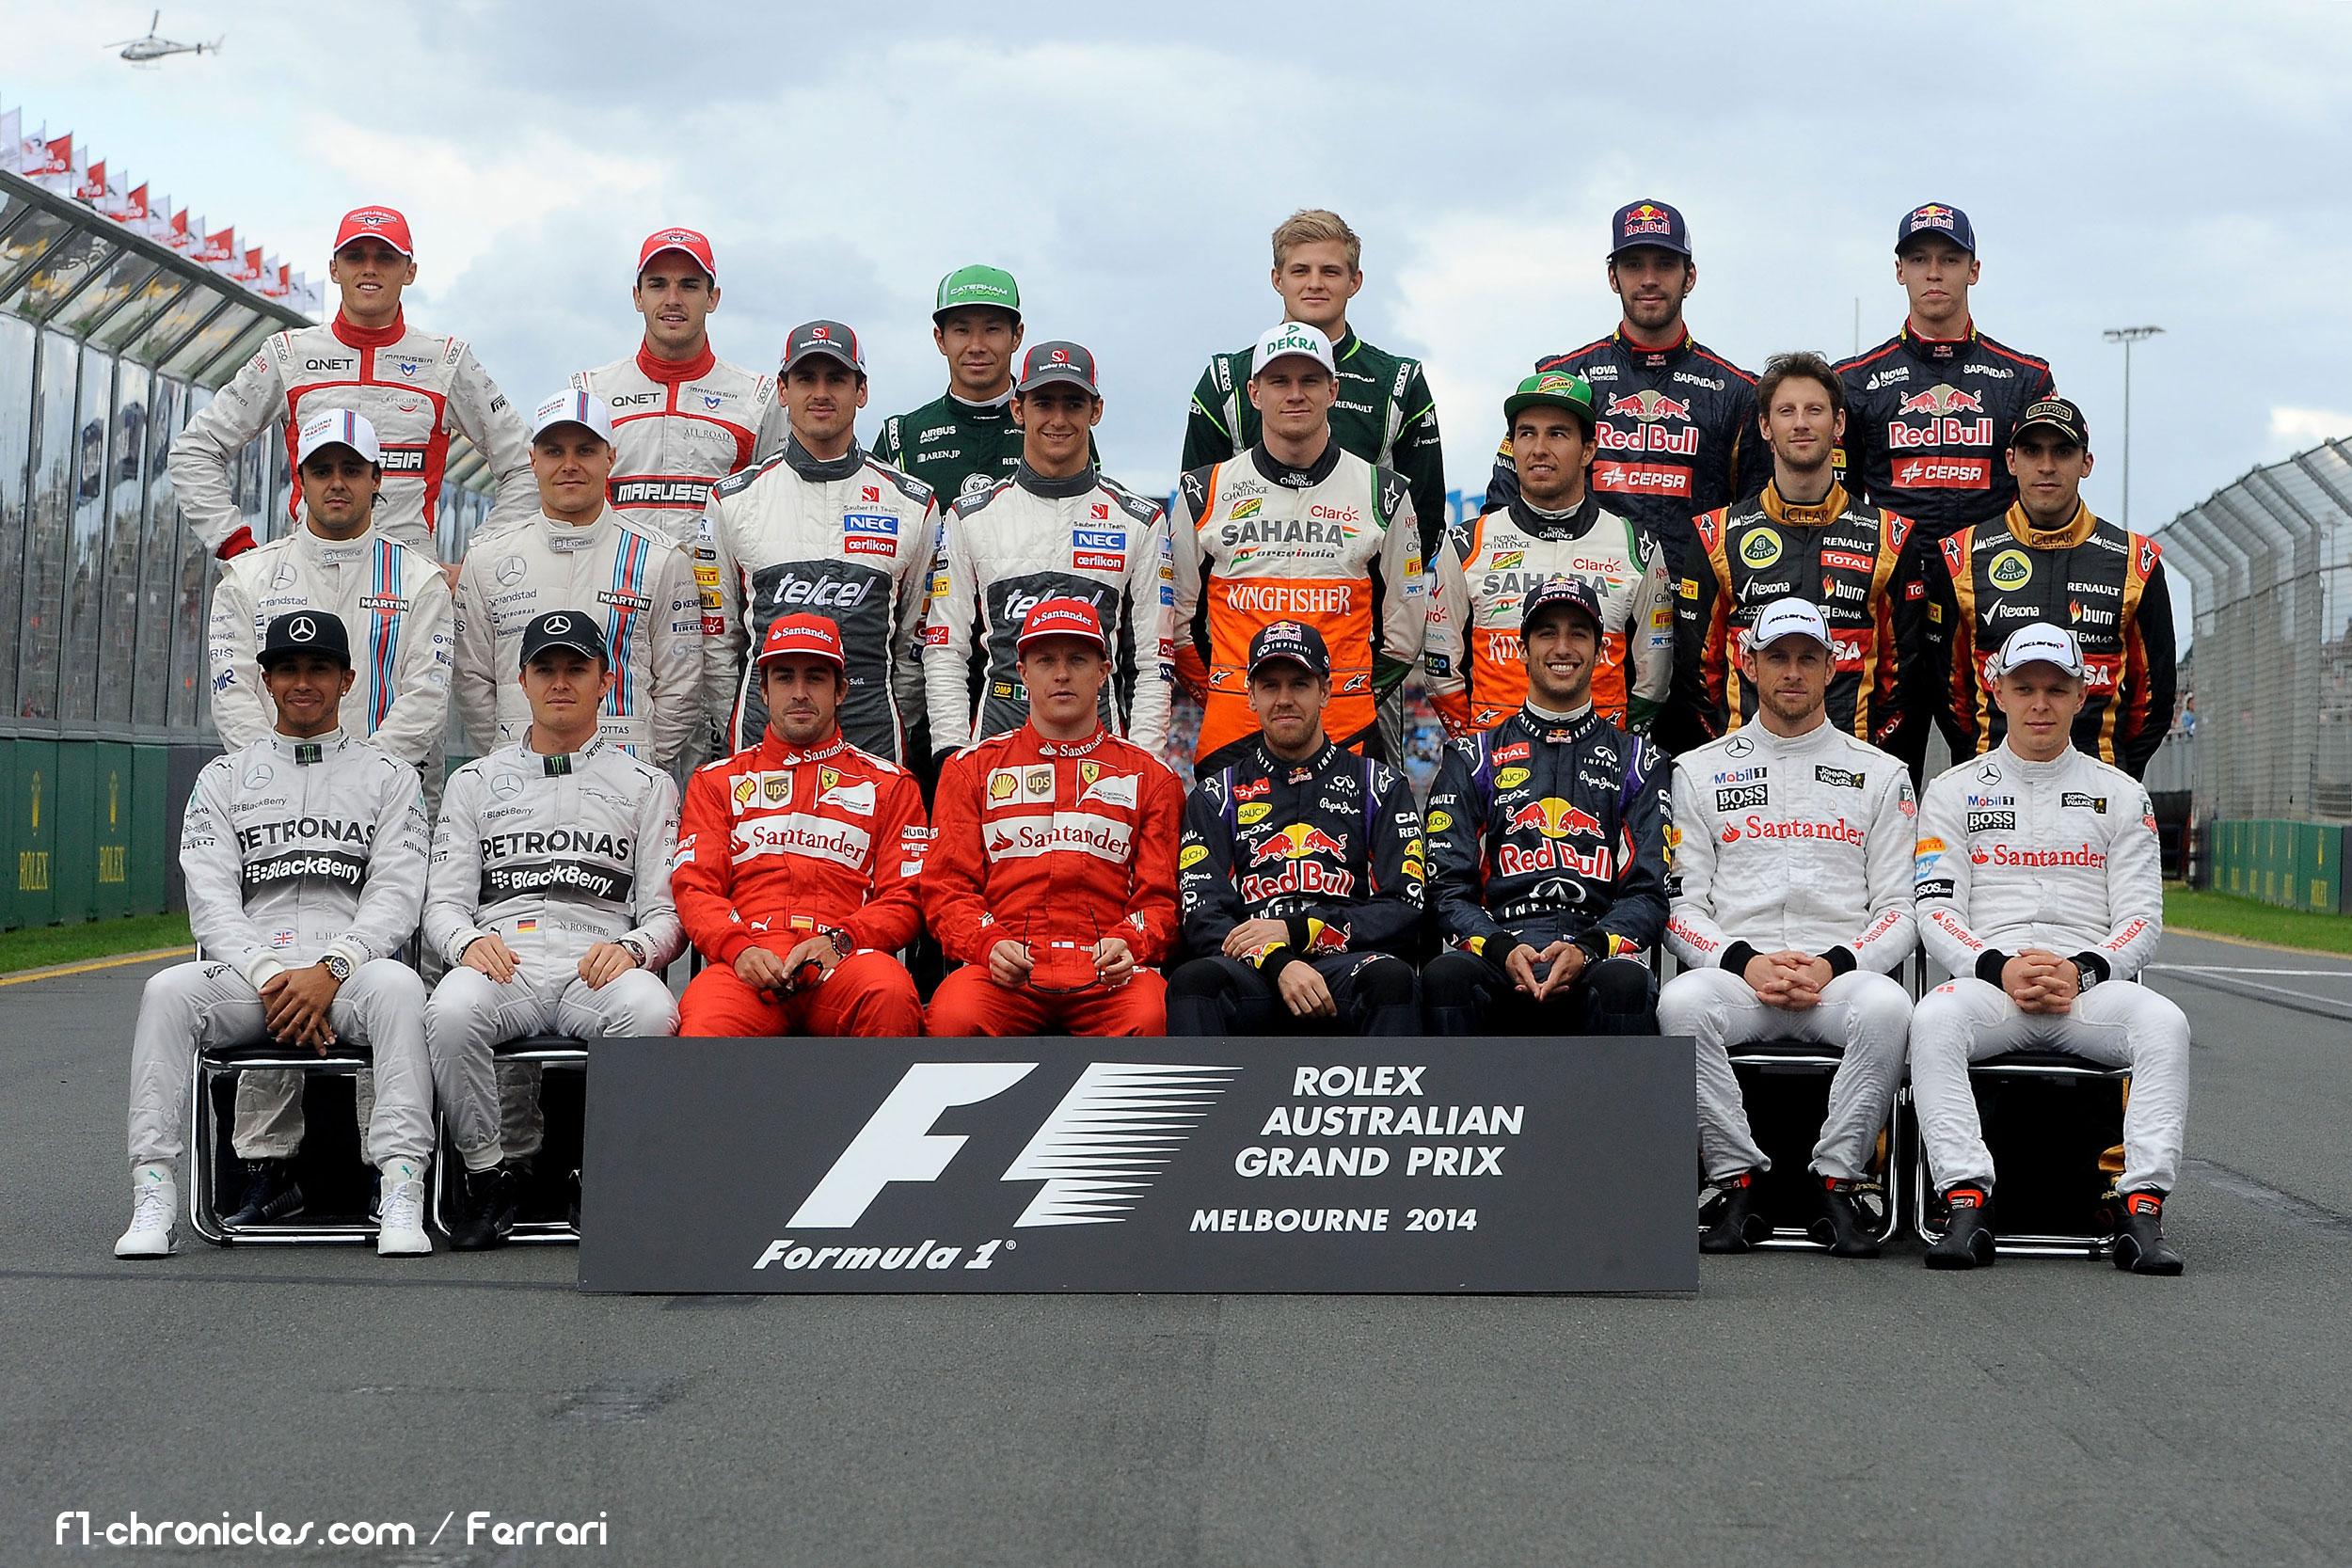 http://superf1.be/spip/IMG/jpg/f1-2014-australie-pilotes-2014-2.jpg